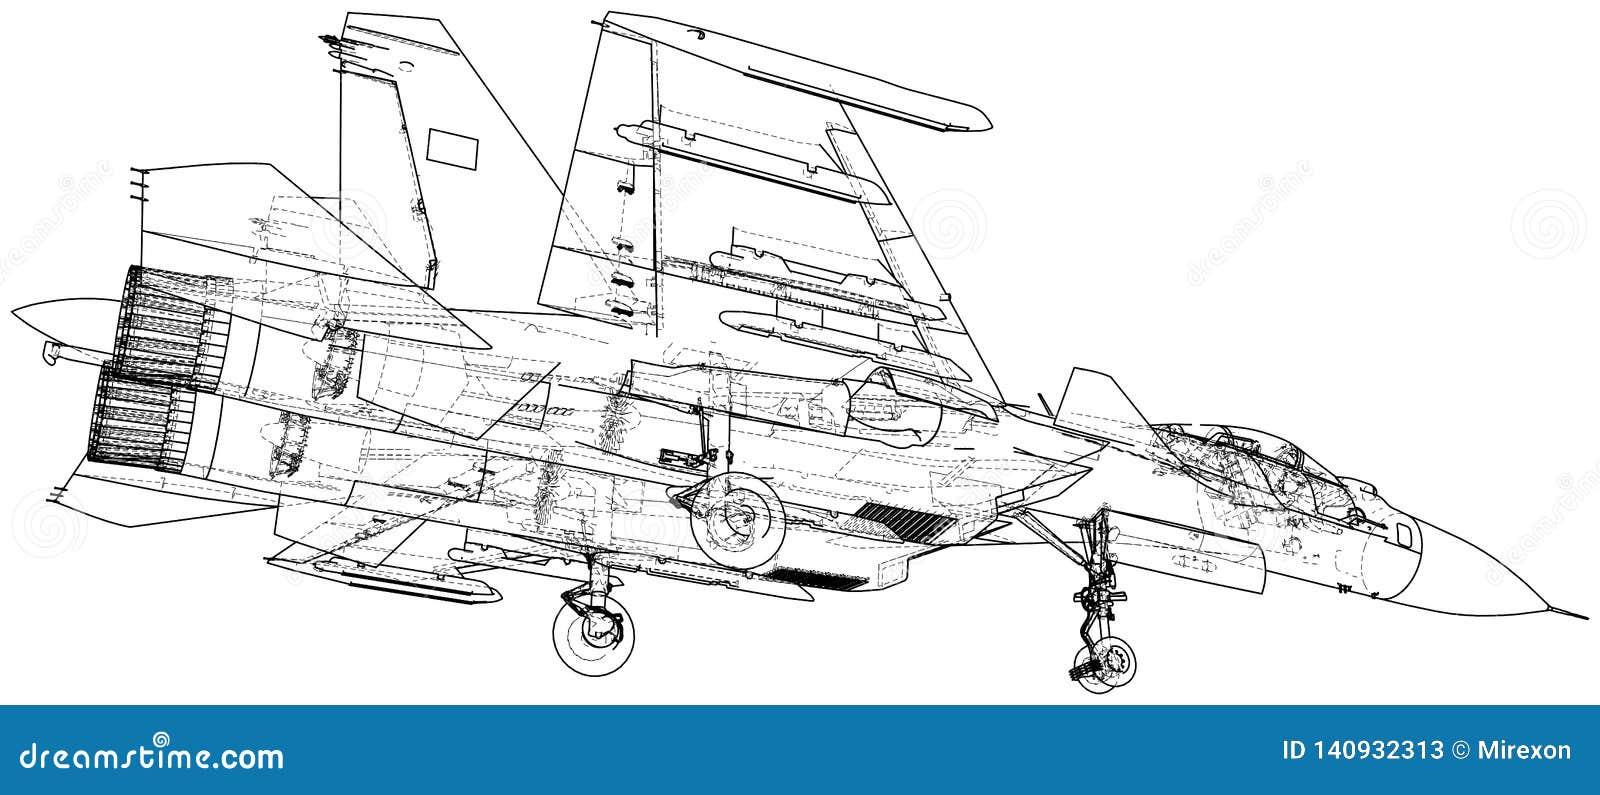 Militärfläche Kampfflugzeugvektorillustration Geschaffene Illustration von 3d